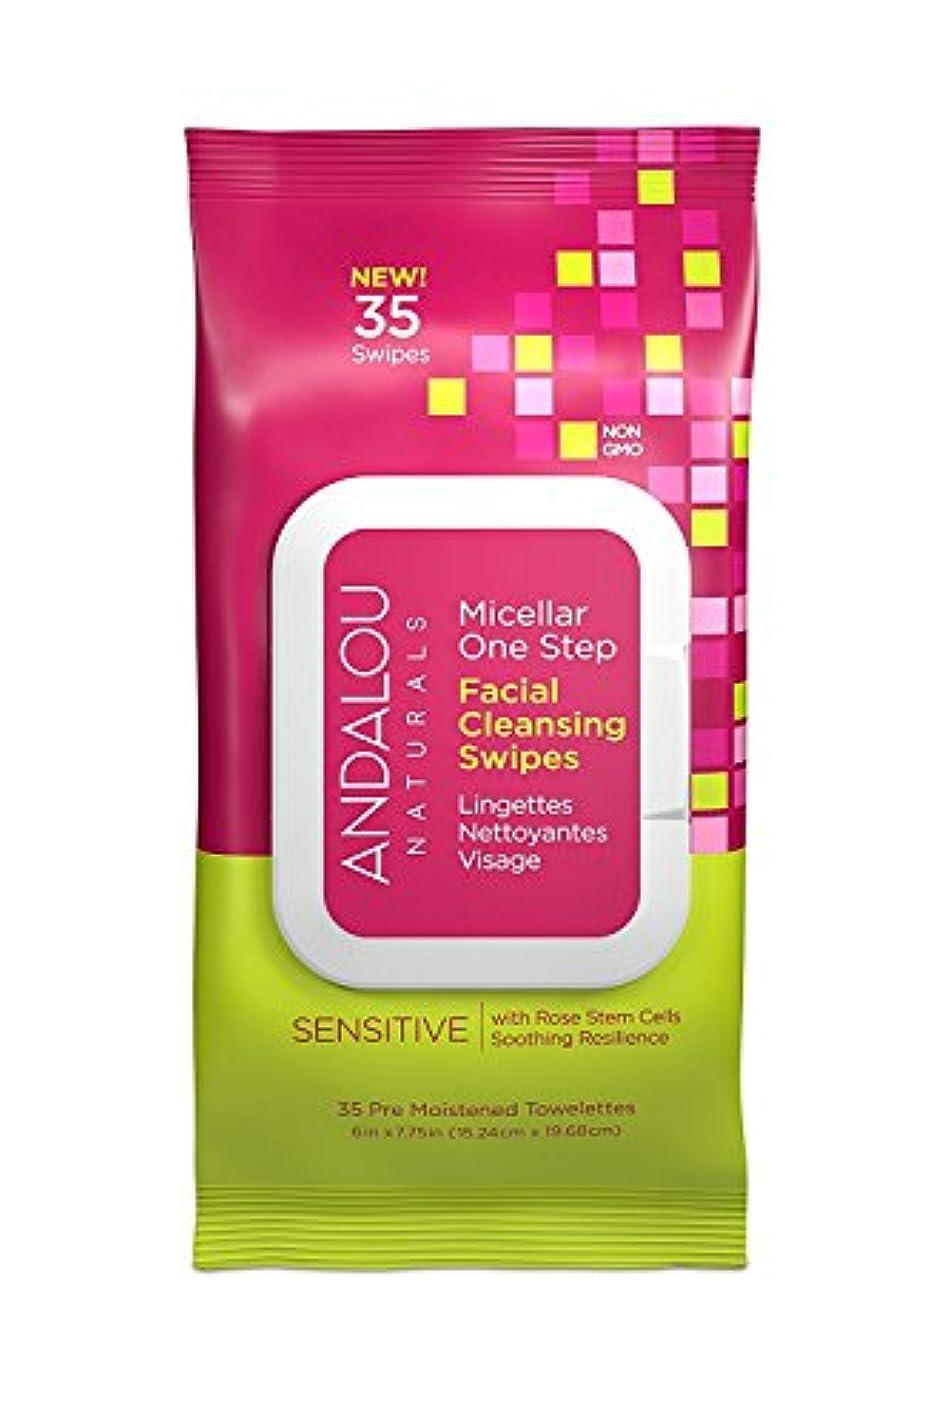 愛されし者可聴いじめっ子オーガニック ボタニカル クレンジングシート 洗顔シート ナチュラル フルーツ幹細胞 「 Sミセラスワイプ 35枚入り 」 ANDALOU naturals アンダルー ナチュラルズ